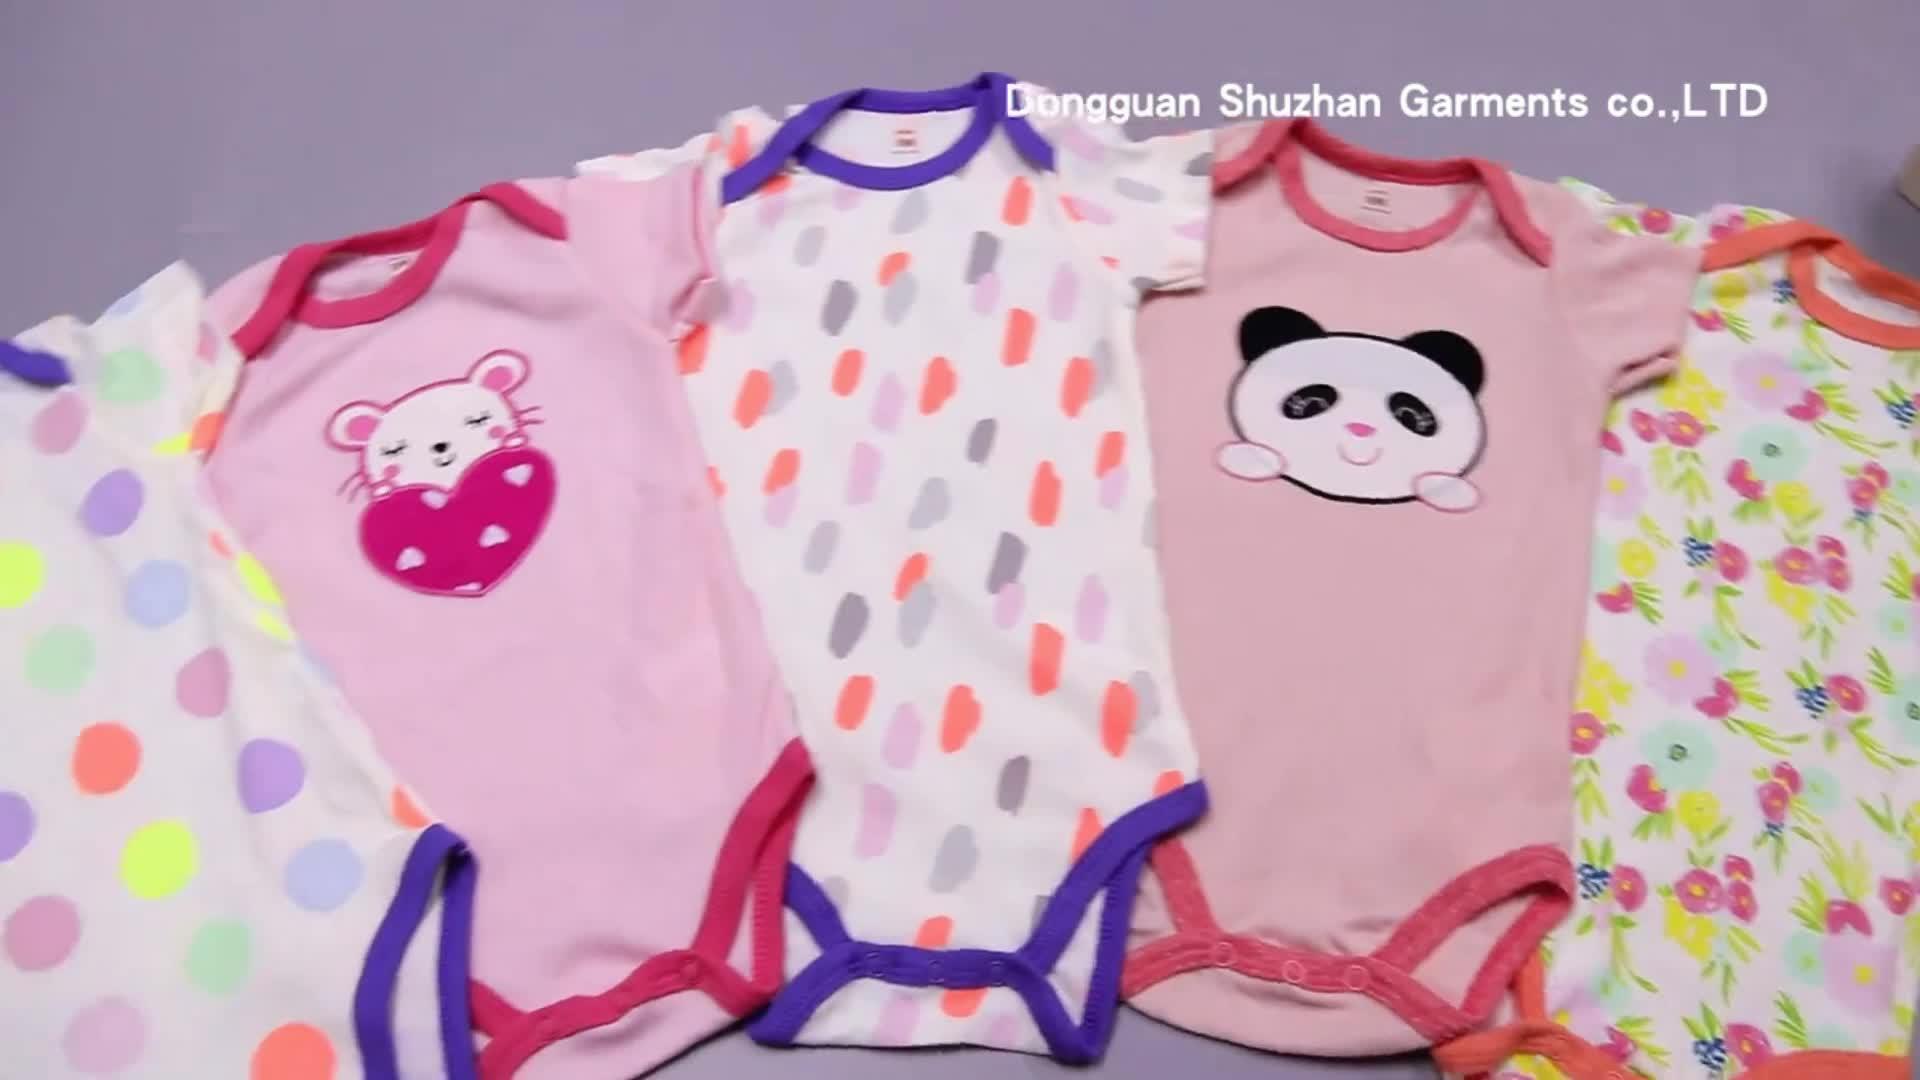 コットン半袖ベビーロンパース/パジャマパターン刺繍やプリント